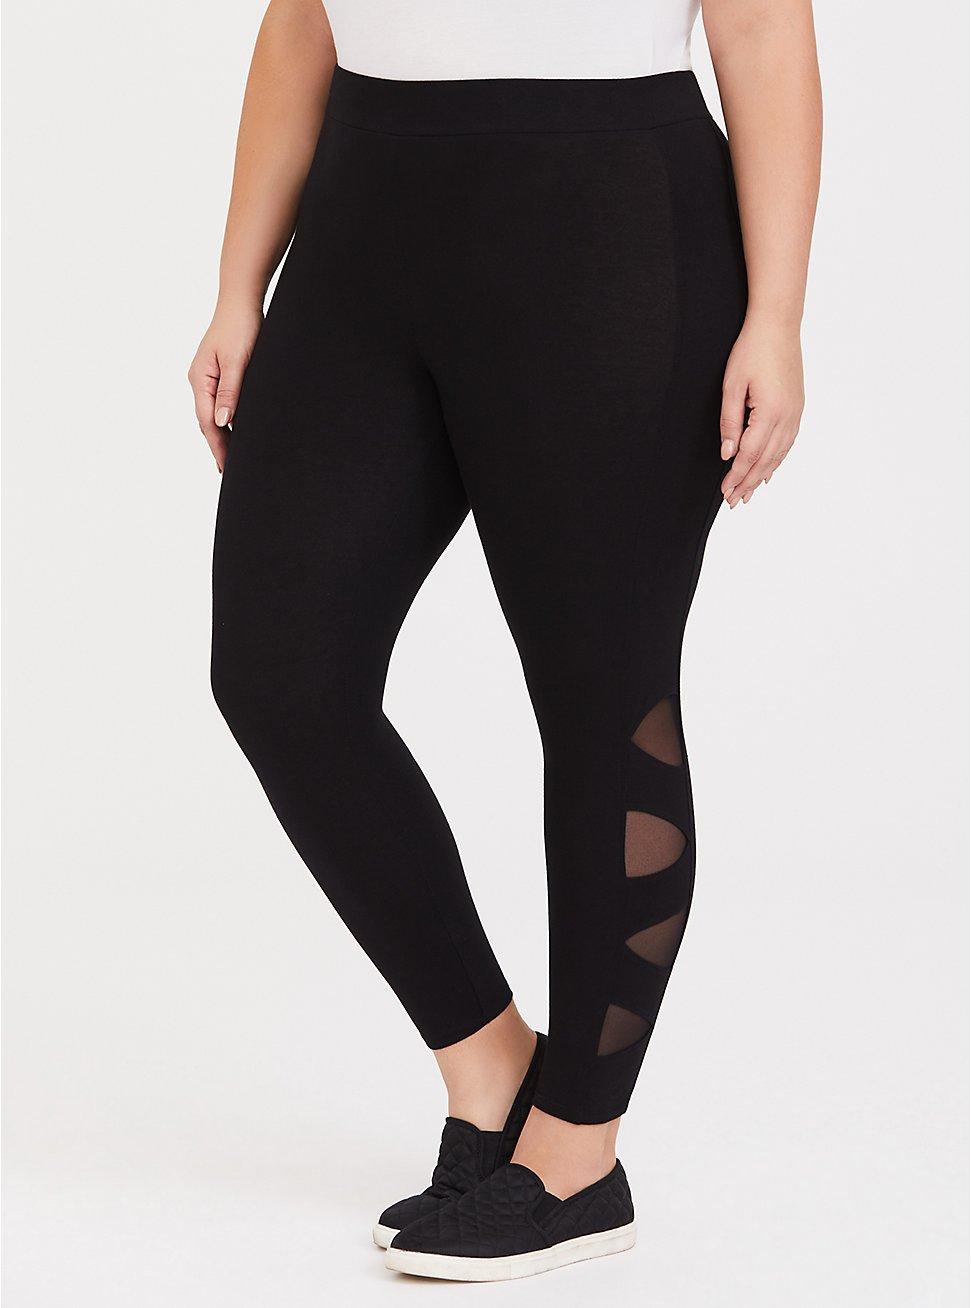 Premium Legging - Lattice Side Black, BLACK, hi-res